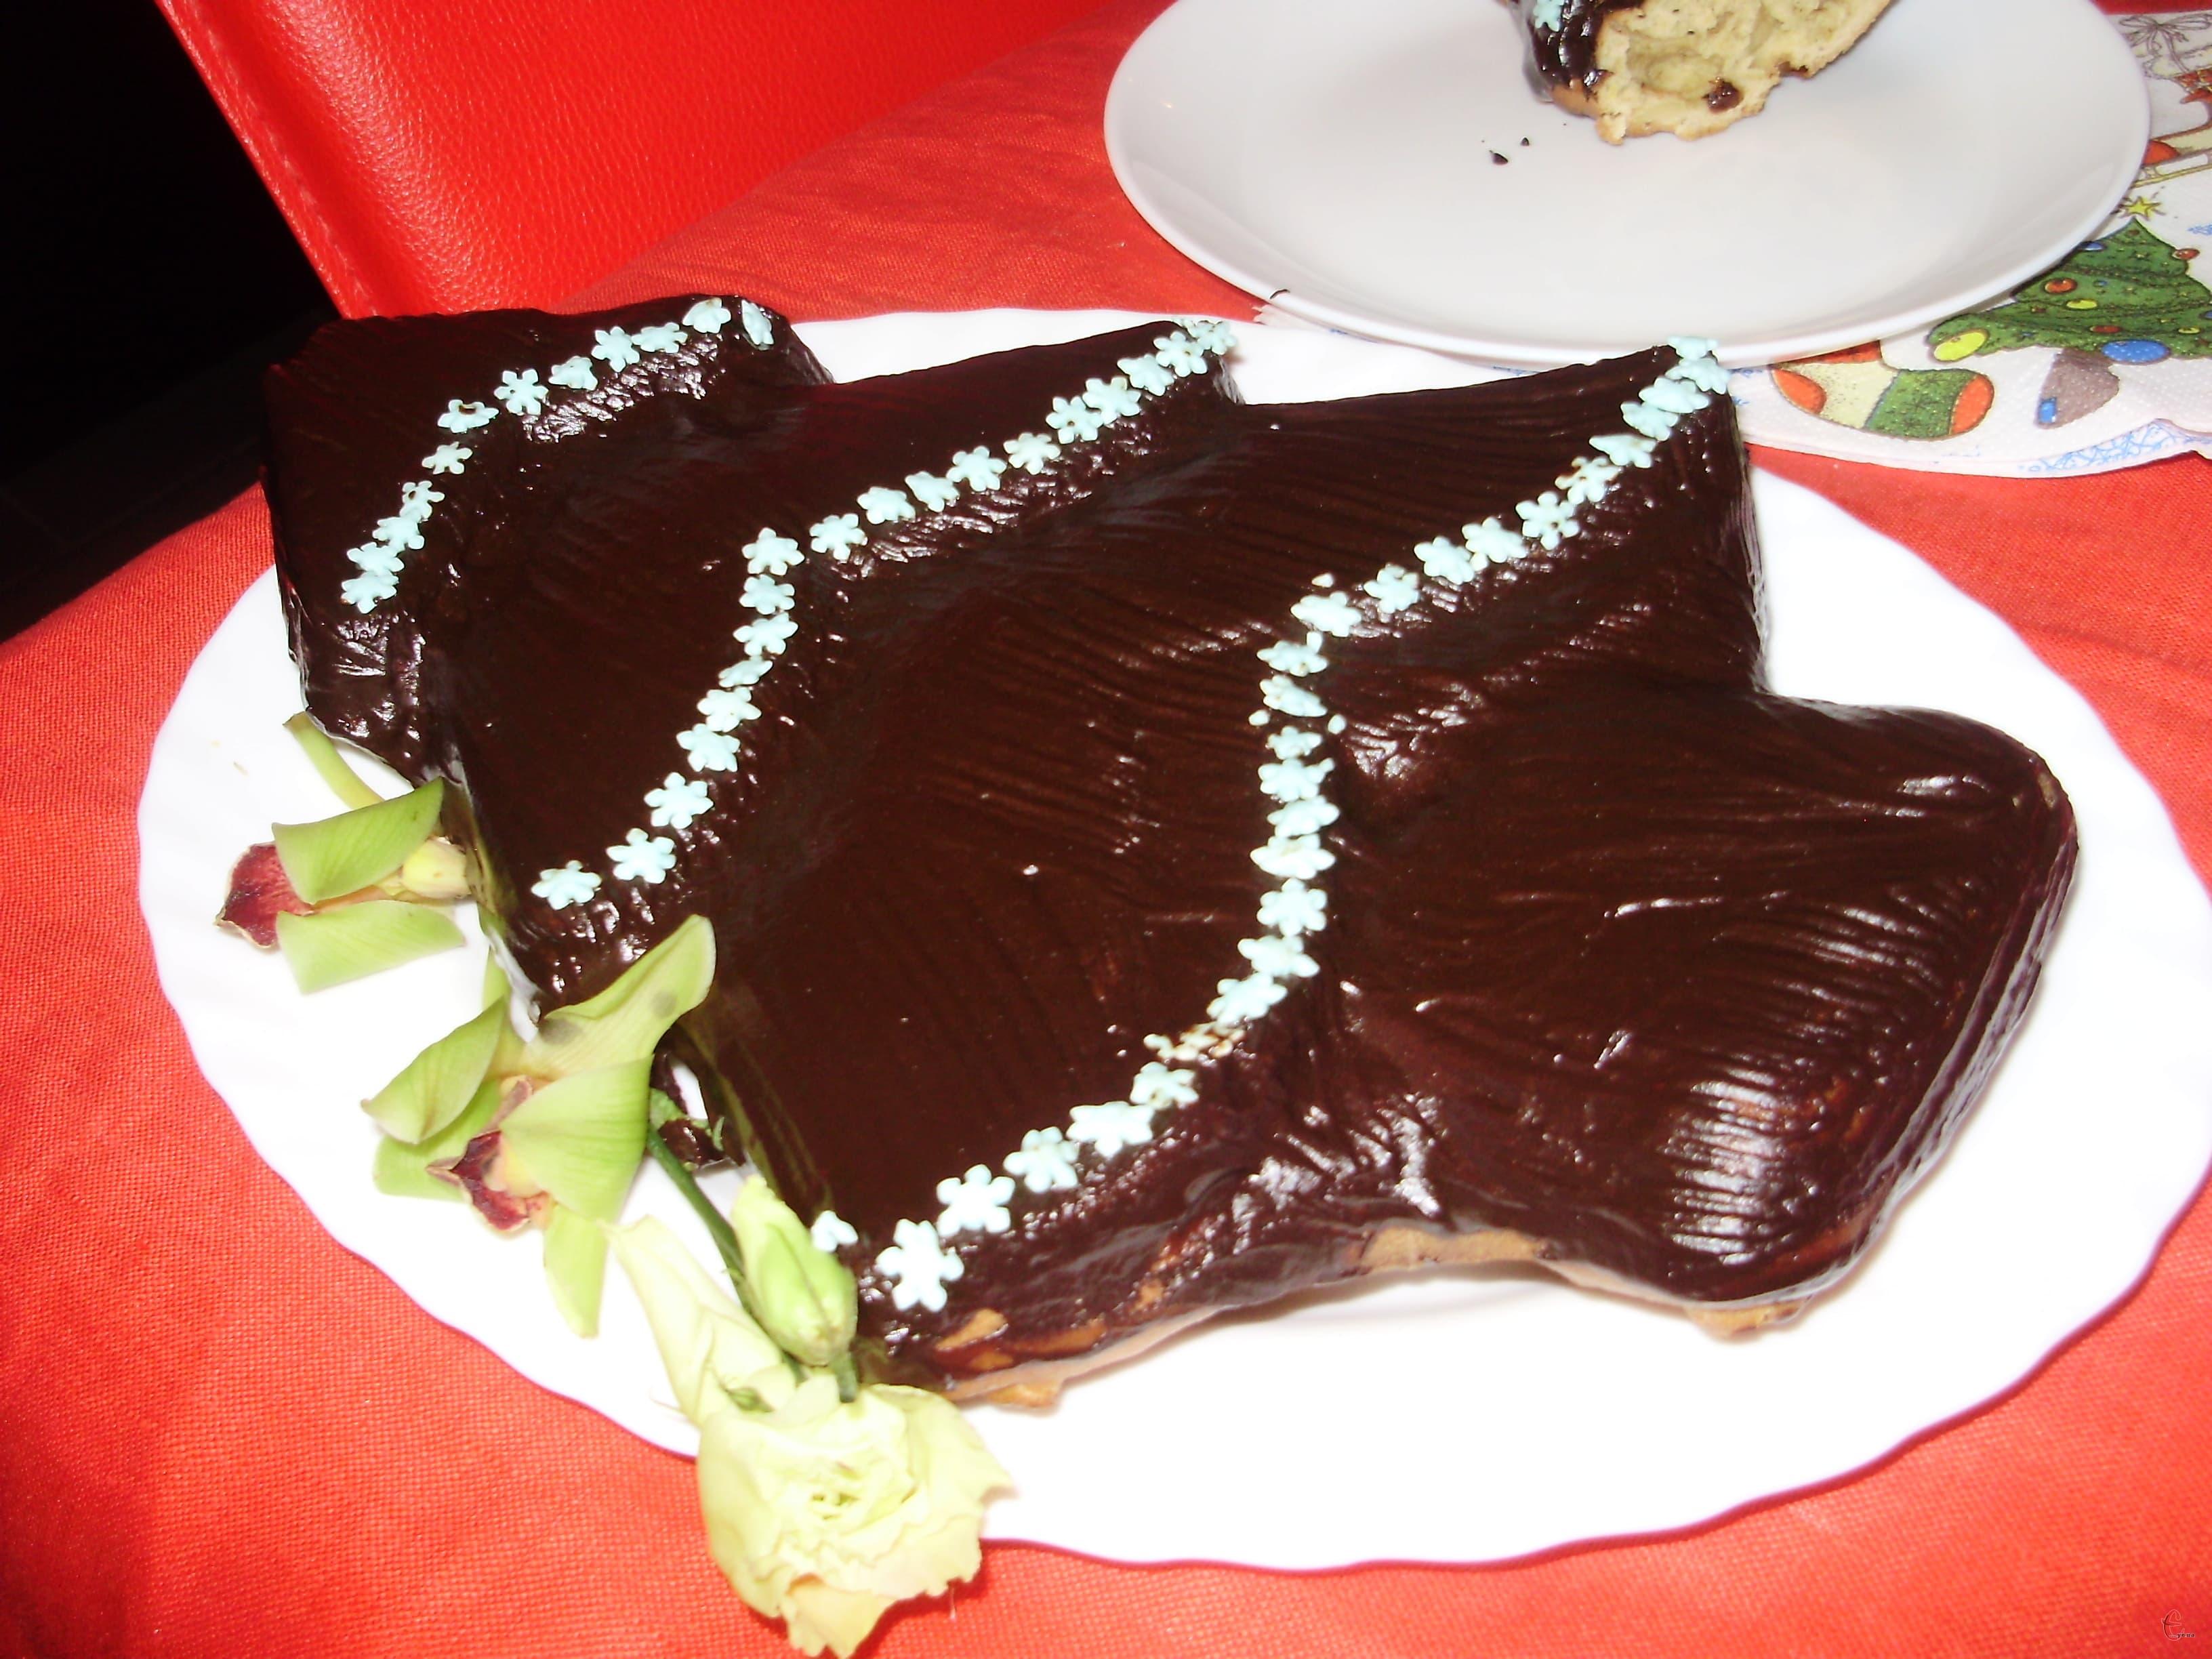 Випічка, яка не черствіє, а, «визріваючи», стає ще смачнішою!